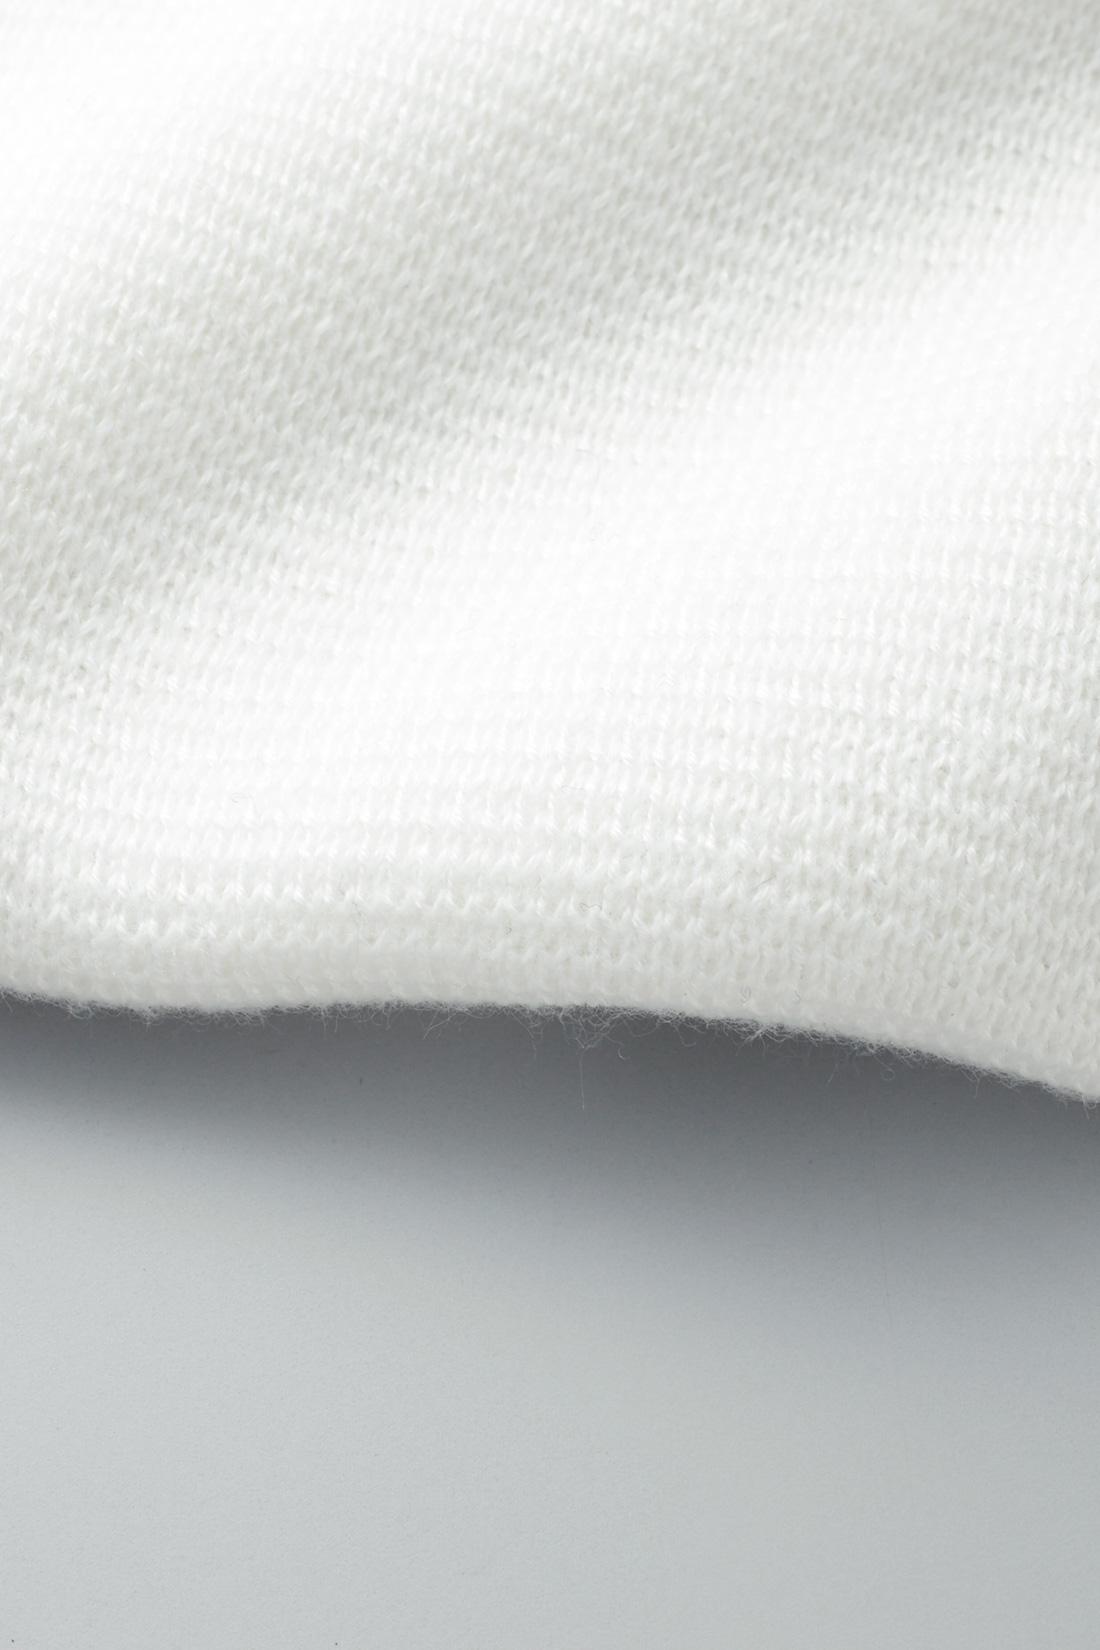 きれいめで張りがあり、目の詰まったしっかりとした編み地のミラノリブニット。きちんと感がありつつも、着心地は抜群なので、少しかしこまったシーンでも窮屈にならずに過ごせます。 ※お届けするカラーとは異なります。